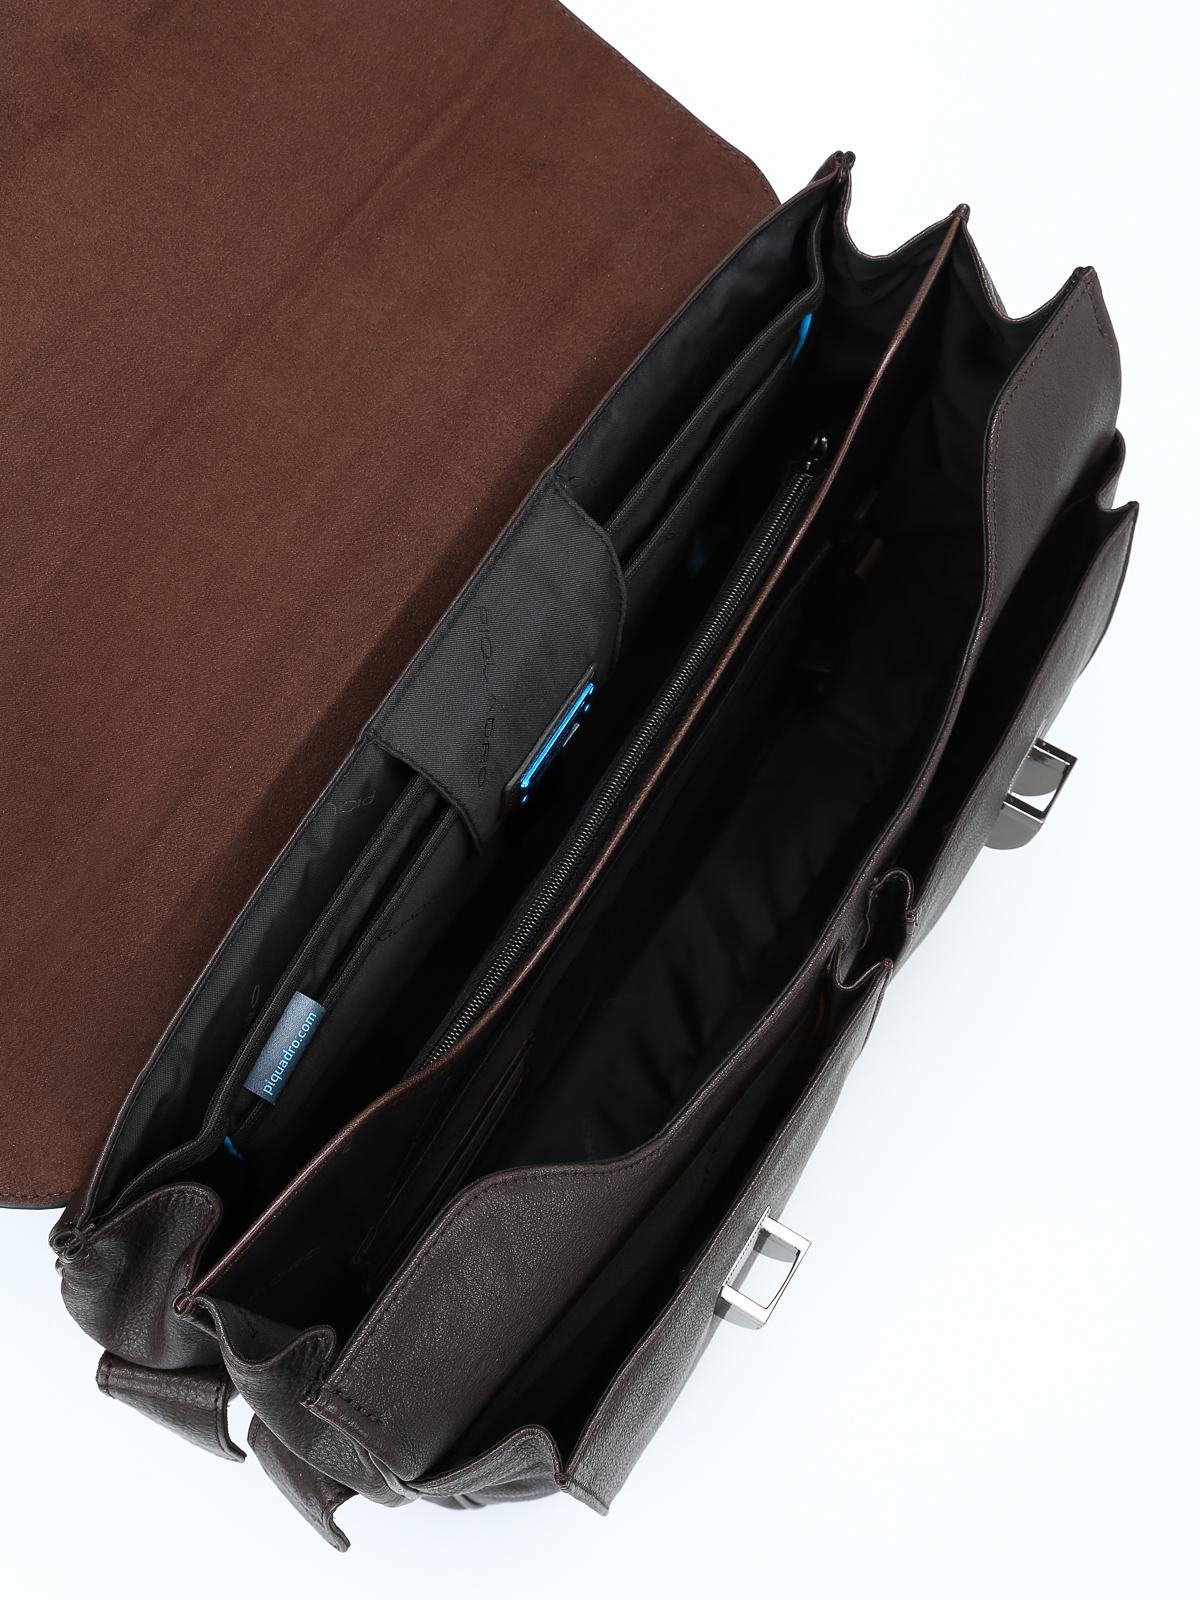 d6f9be4987 Piquadro - Cartella porta computer e iPad - borse da ufficio ...